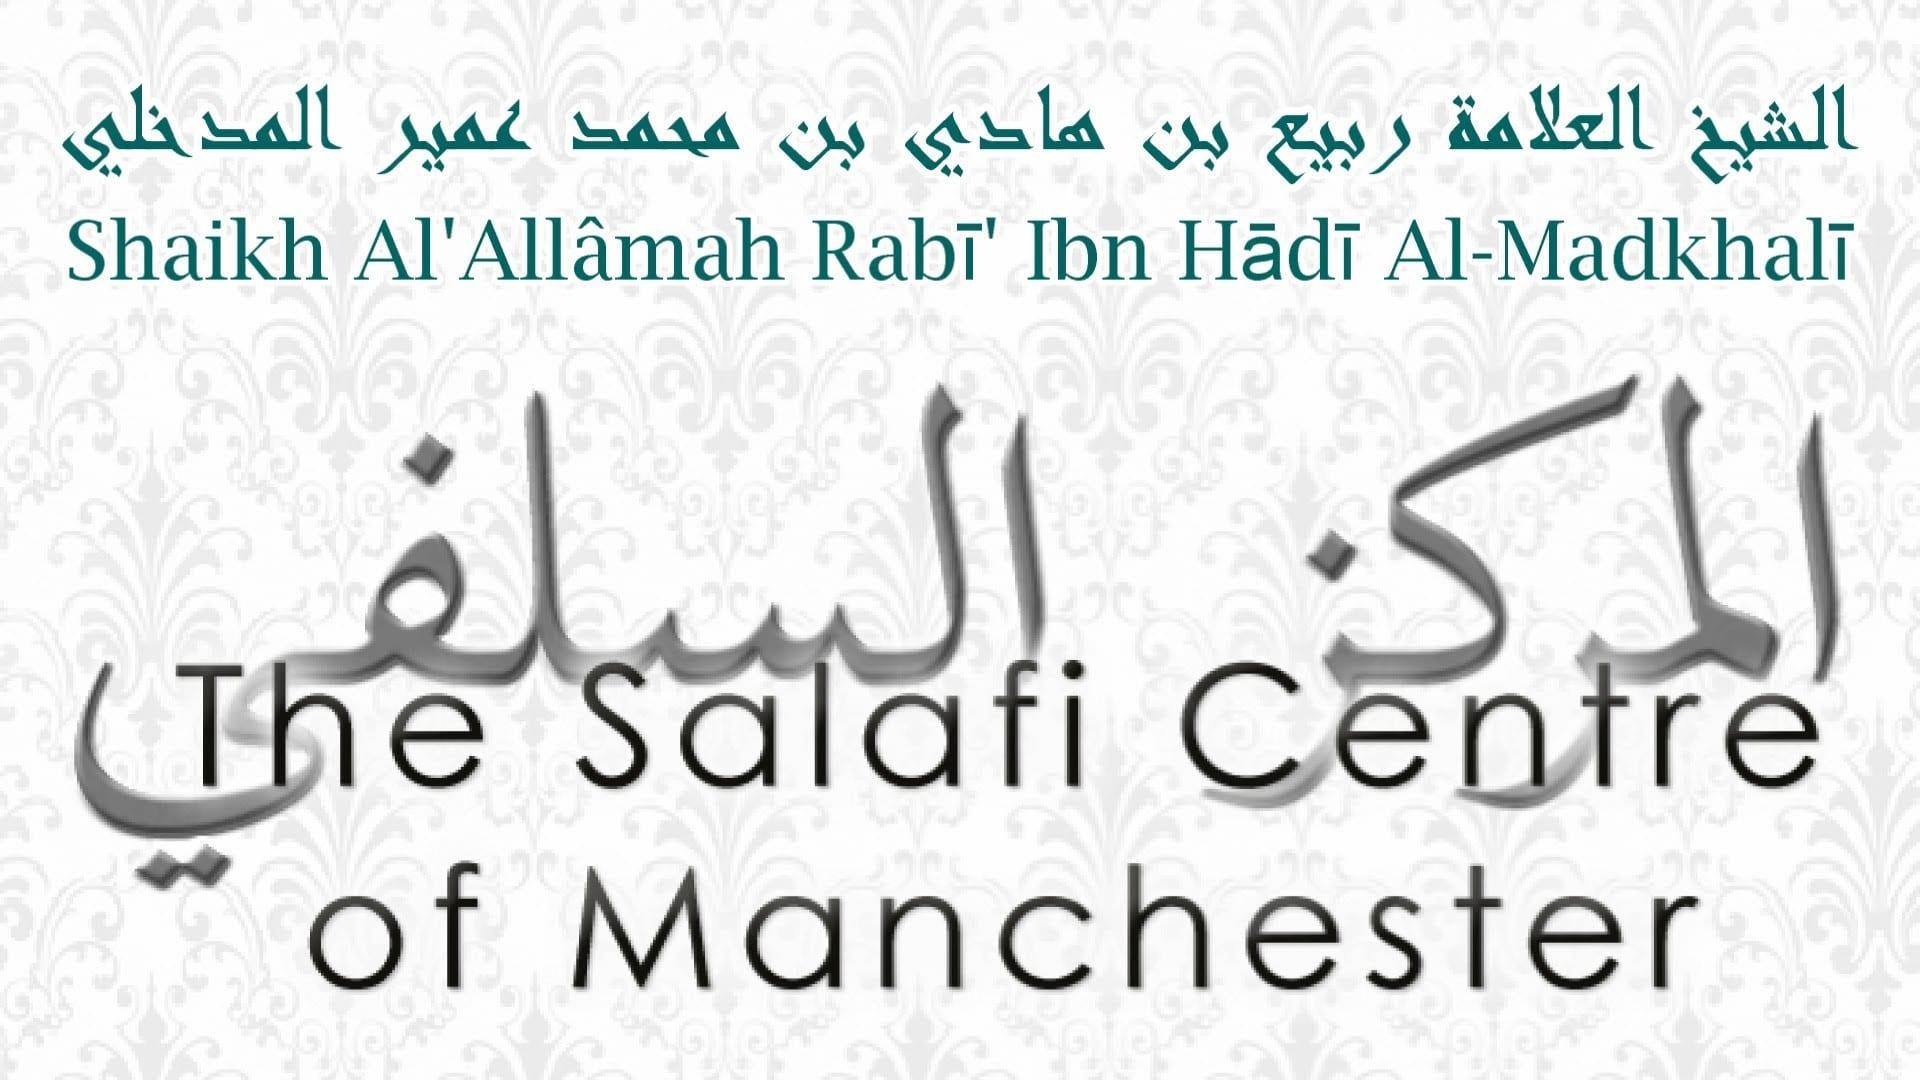 Tawhid, Sincerity, Taqwaa, Unity & Brotherhood   Advice of Shaikh Rabī' al-Madkhalī